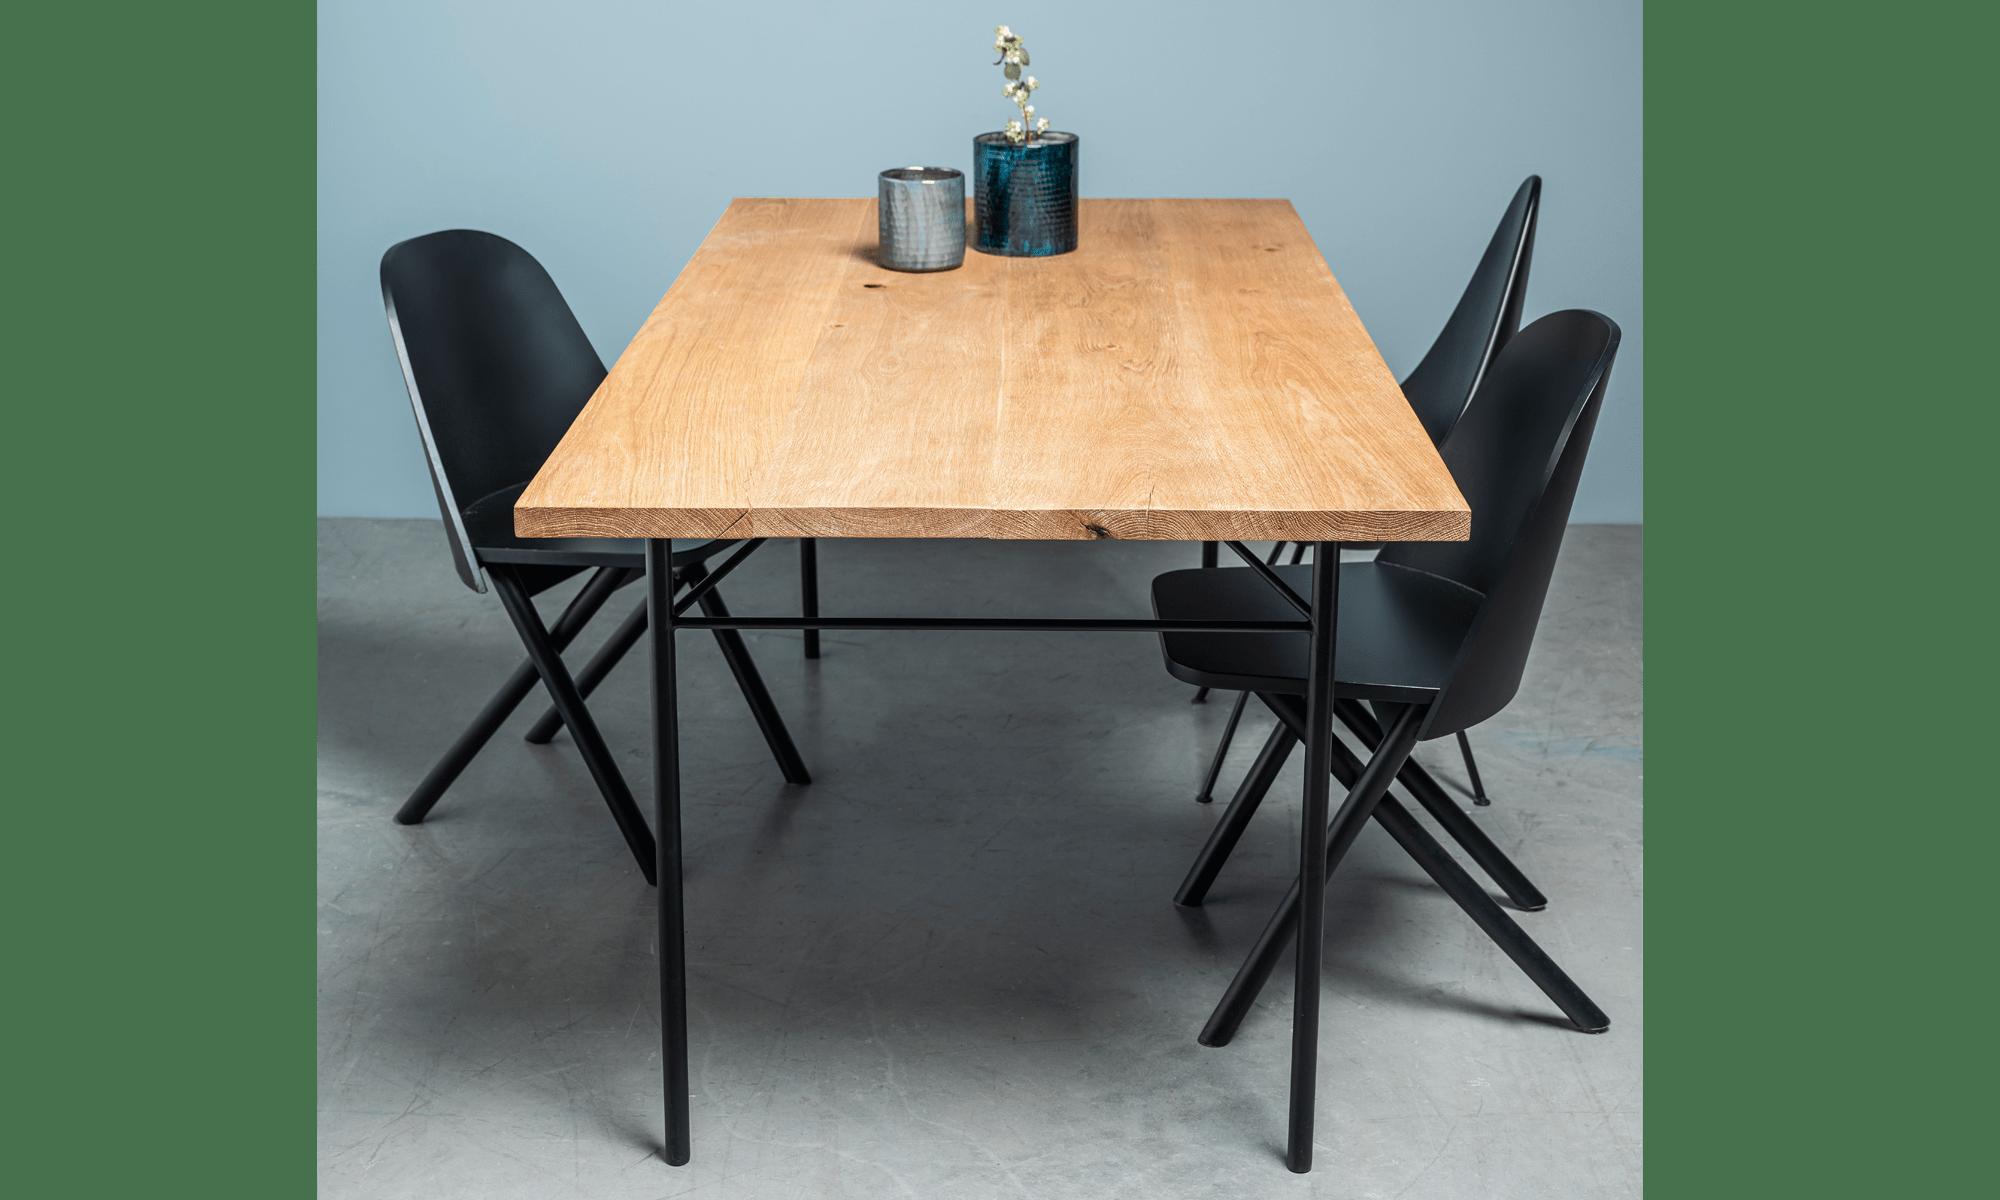 stol martin debowy stol